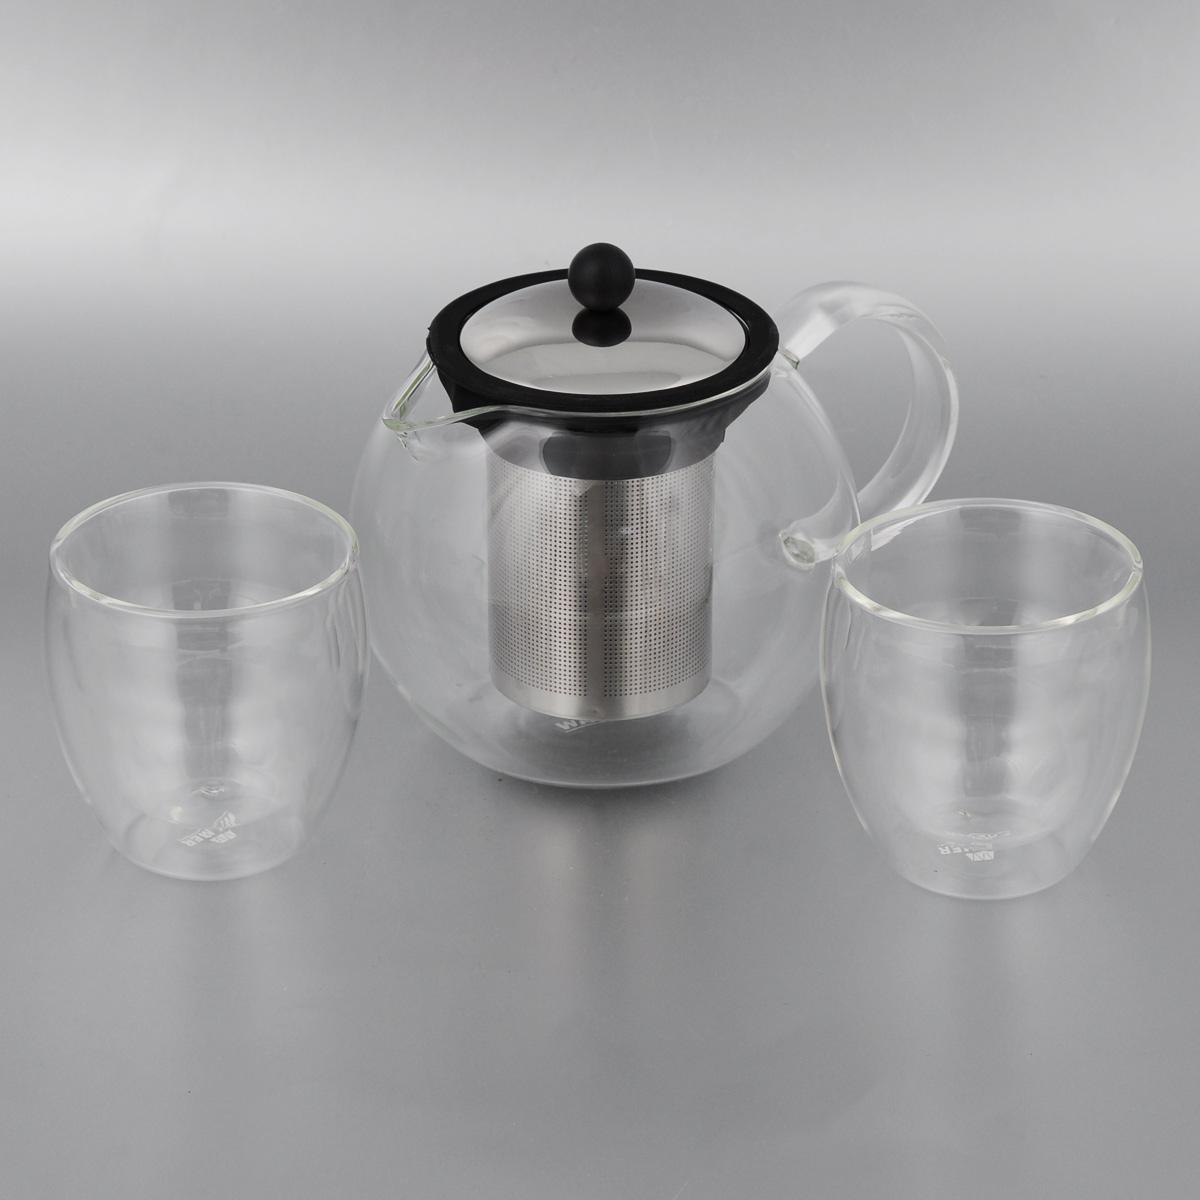 Набор чайный Walmer Baron, 3 предметаVT-1520(SR)Чайный набор Walmer Baron состоит из двух стаканов и заварочного чайника, выполненных из высококачественного стекла, пластика и стали. Элегантный набор придется по вкусу и ценителям классики, и тем, кто предпочитает утонченность и изысканность. Он настроит на позитивный лад и подарит хорошее настроение с самого утра.Чайный набор Walmer Baron идеально подойдет для сервировки стола и станет отличным подарком к любому празднику. Можно мыть в посудомоечной машине.Объем стакана: 250 мл. Диаметр стакана (по верхнему краю): 8 см. Высота стакана: 9 см. Объем чайника: 1 л.Диаметр чайника (по верхнему краю): 9 см. Высота чайника (без учета крышки): 12,5 см.